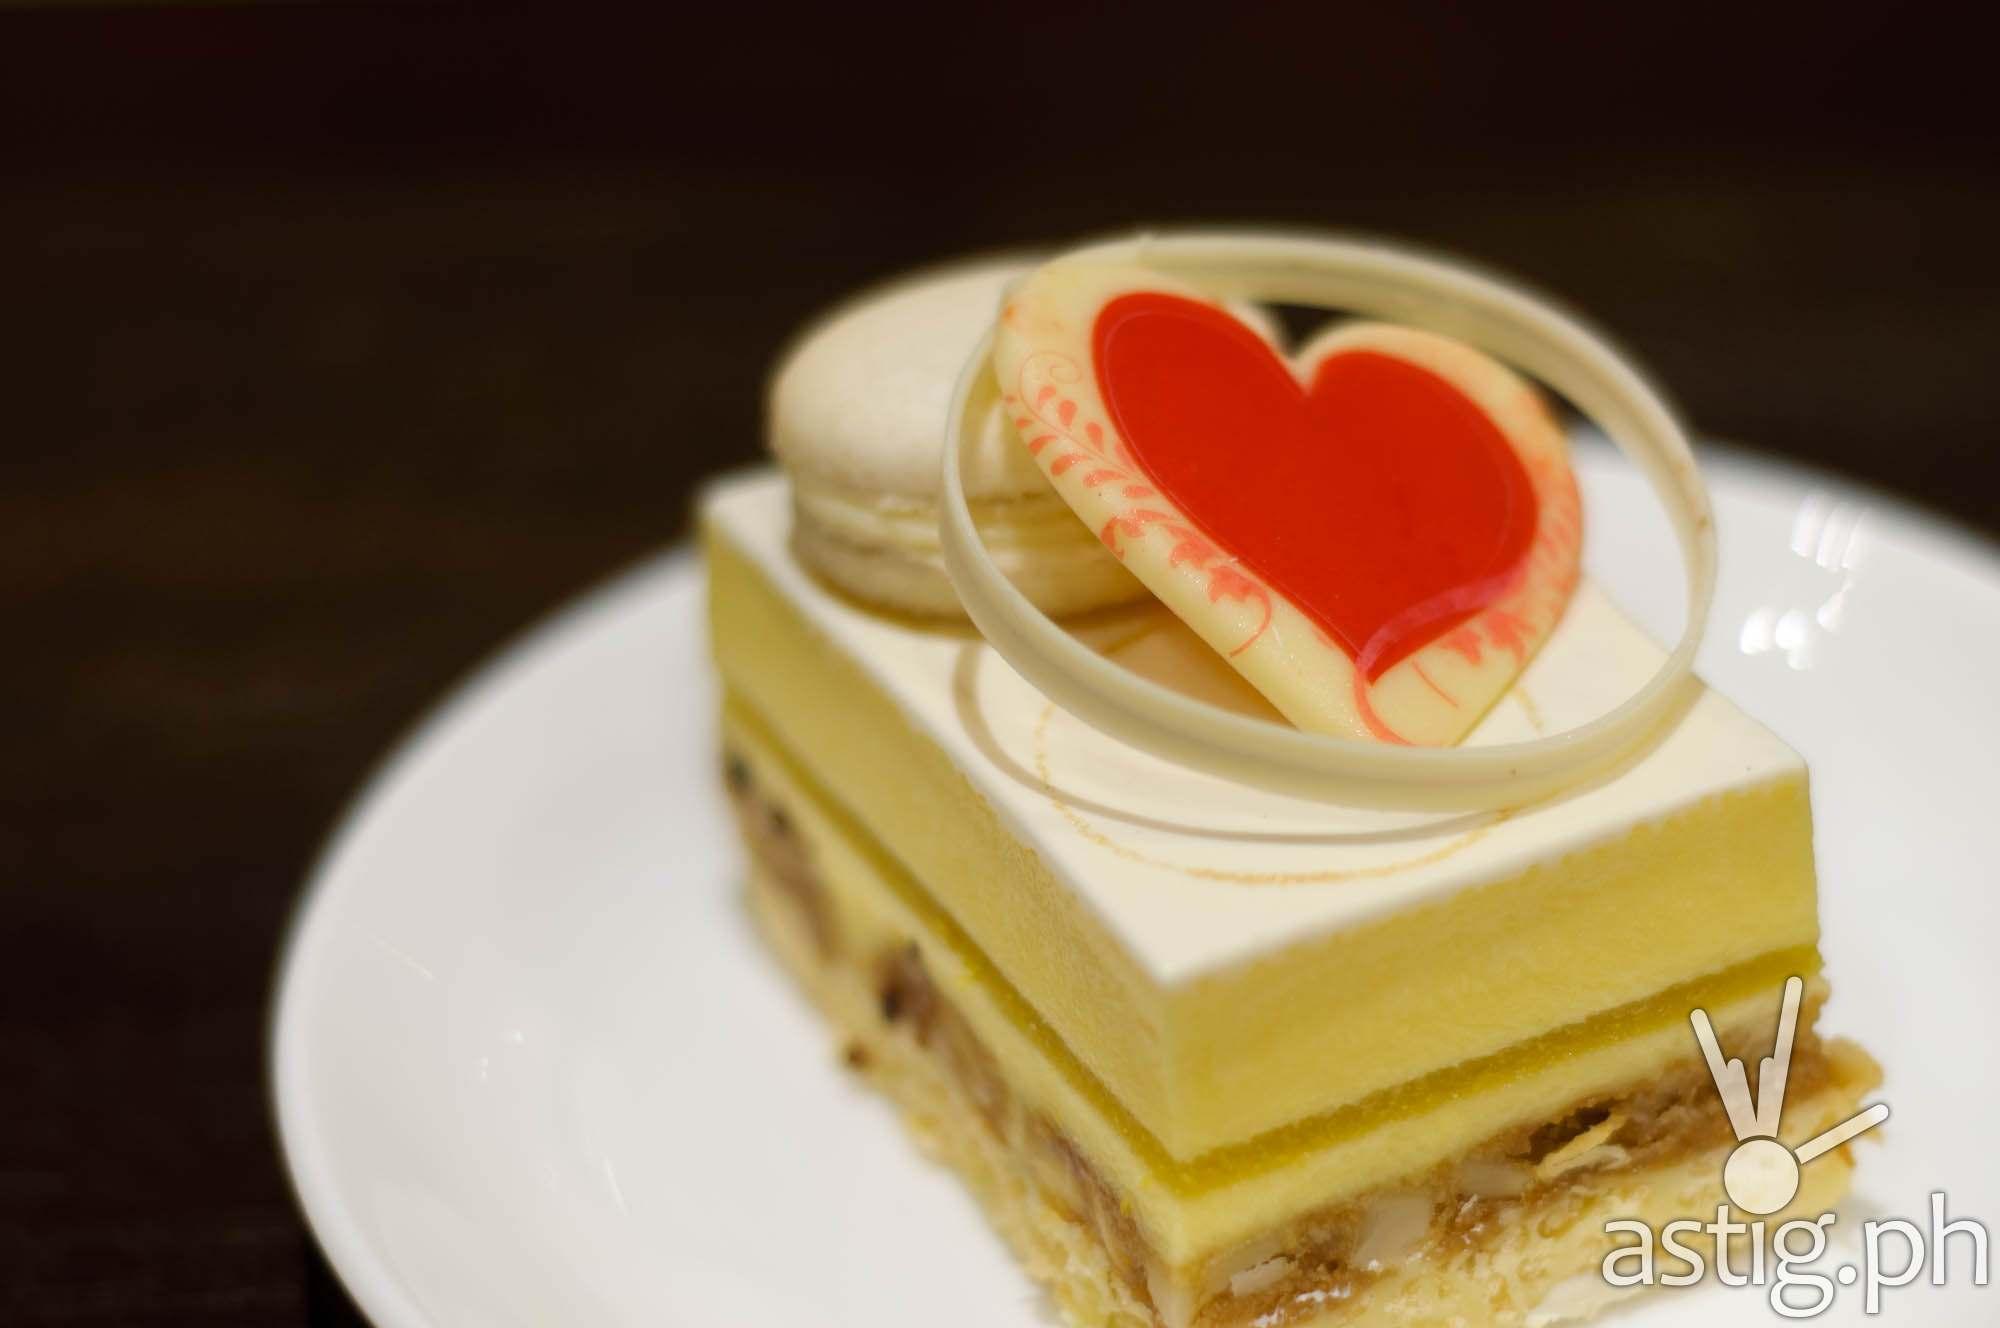 White Chocolate Brownie Cake (P250) - Crema at Marriott Grand Ballroom